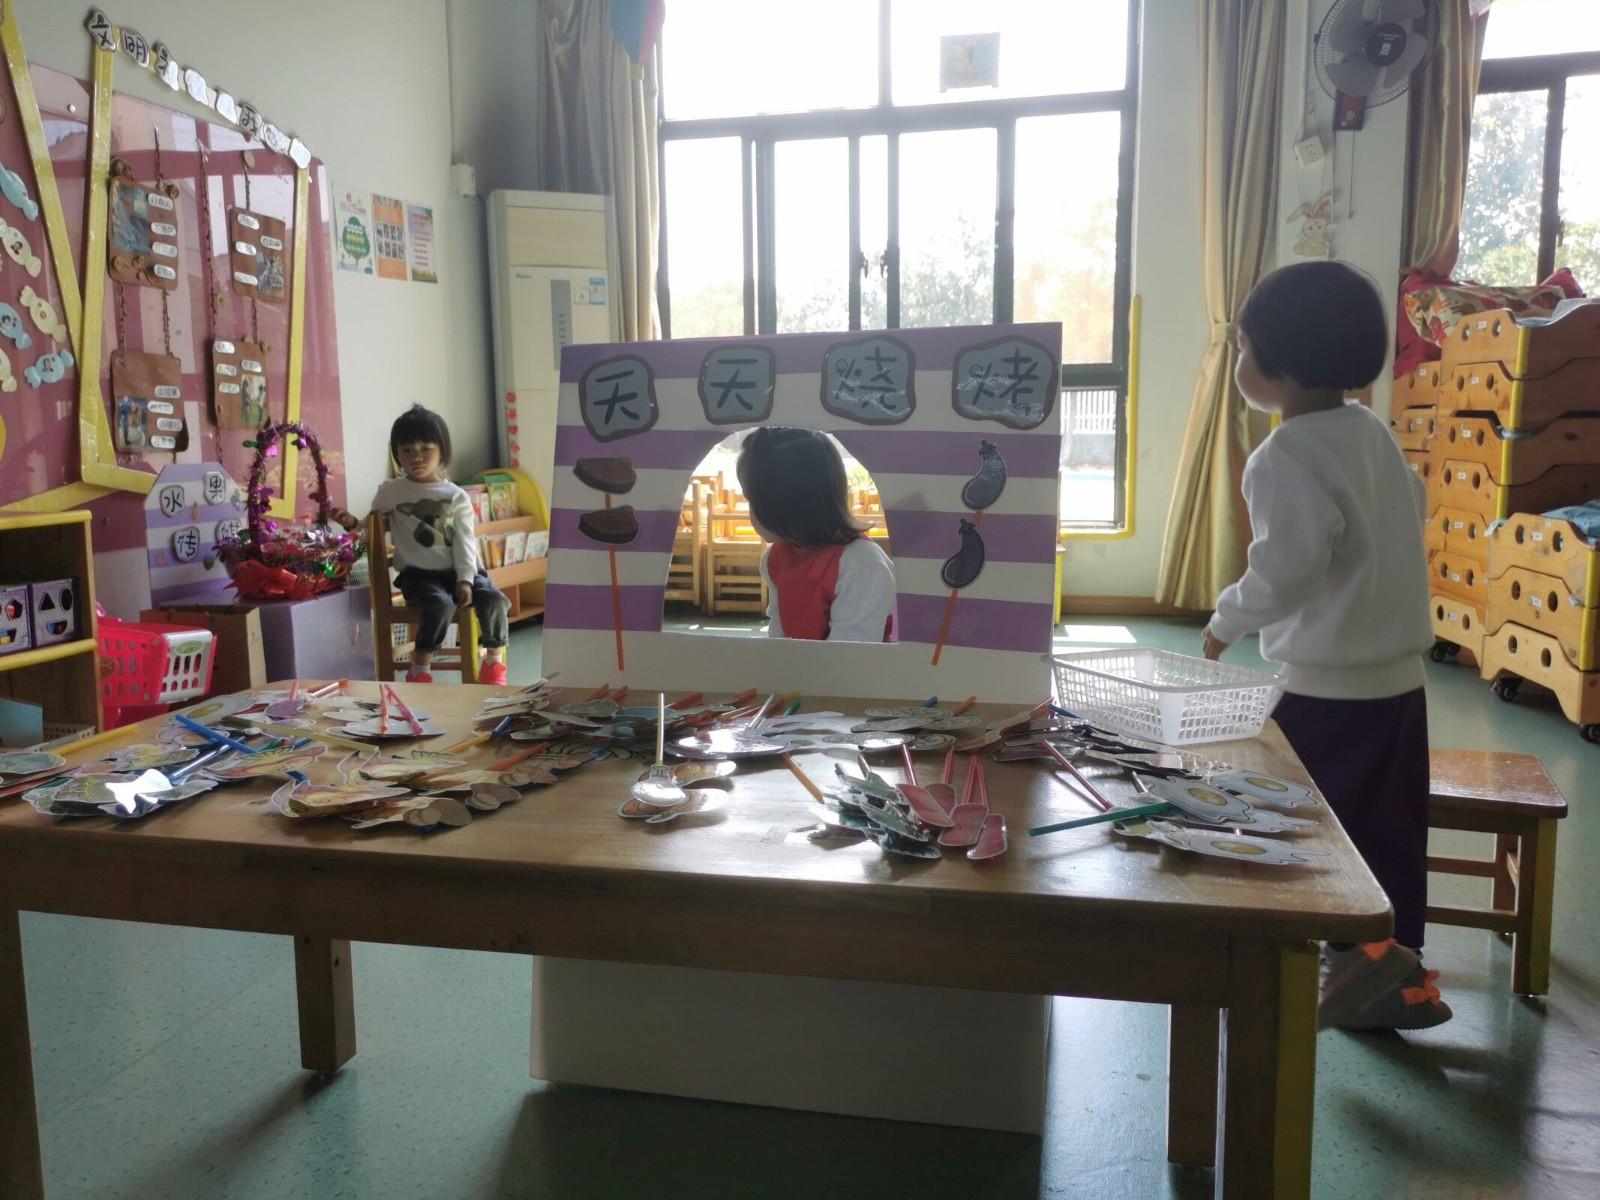 爱尼尔托小班组环境展示